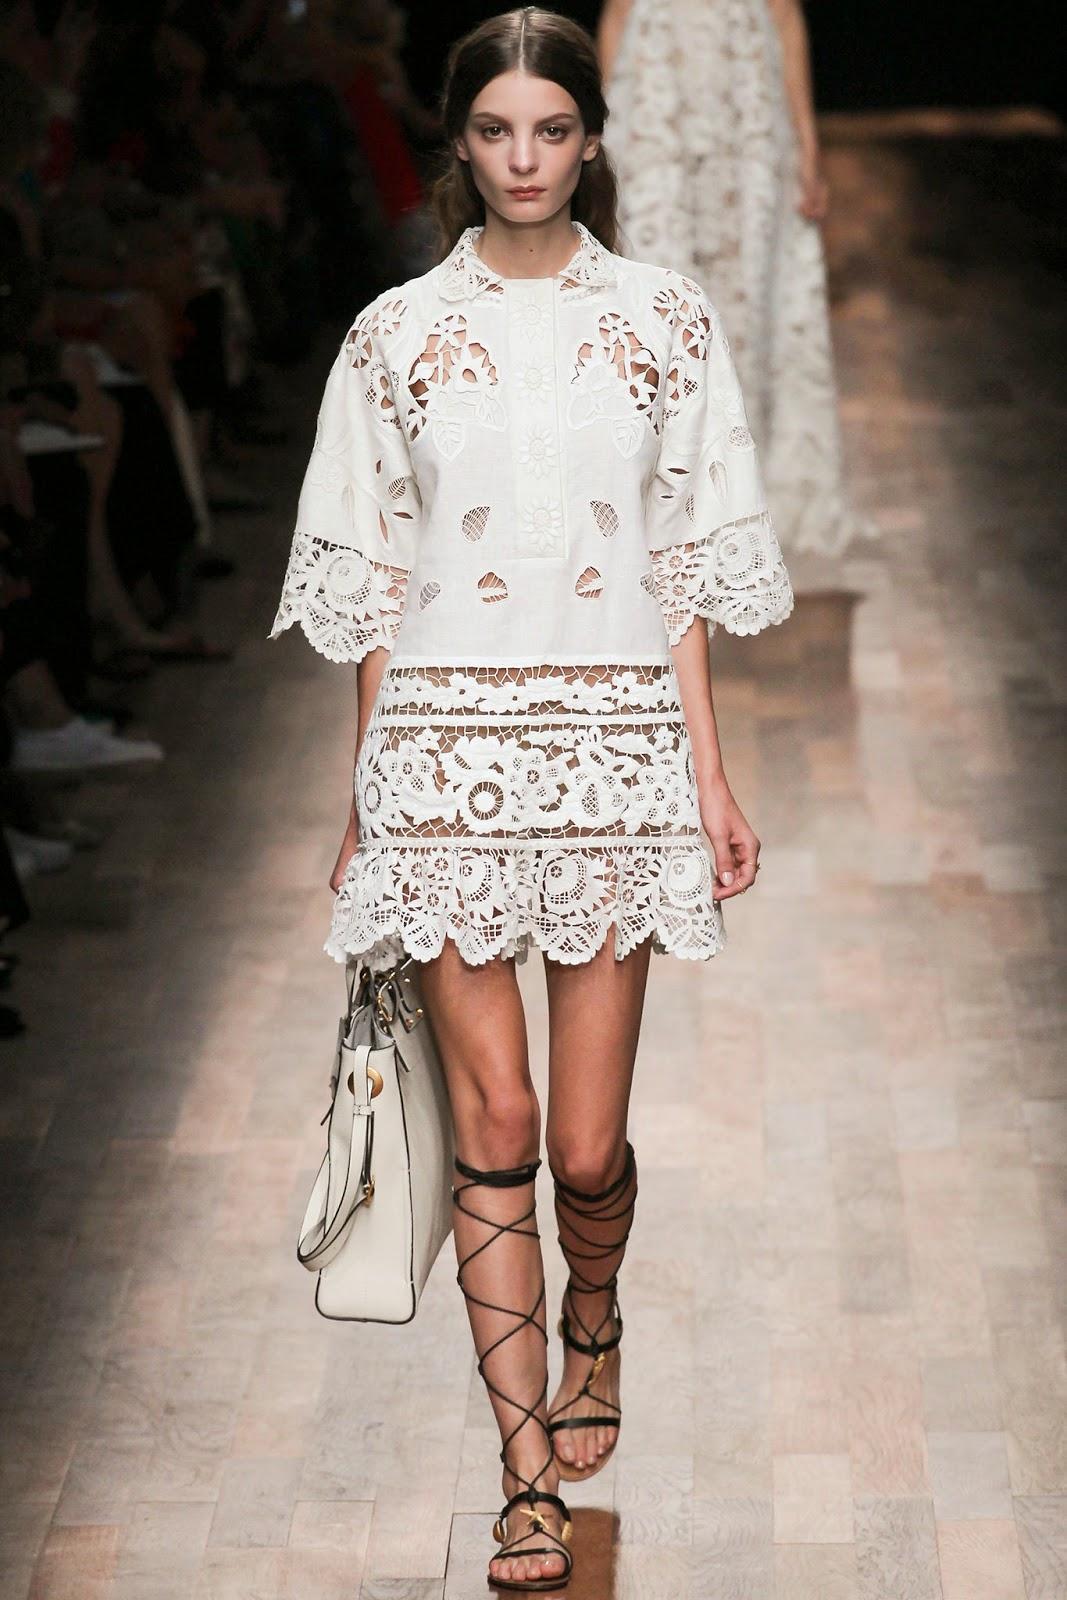 valentino 2015 summer 2016 trend women dress49 Valentino 2015 samling, våren sommaren 2016 Valentino klänning modeller, Valentino kväll klänning nya säsongen kvinnors kjolar modeller